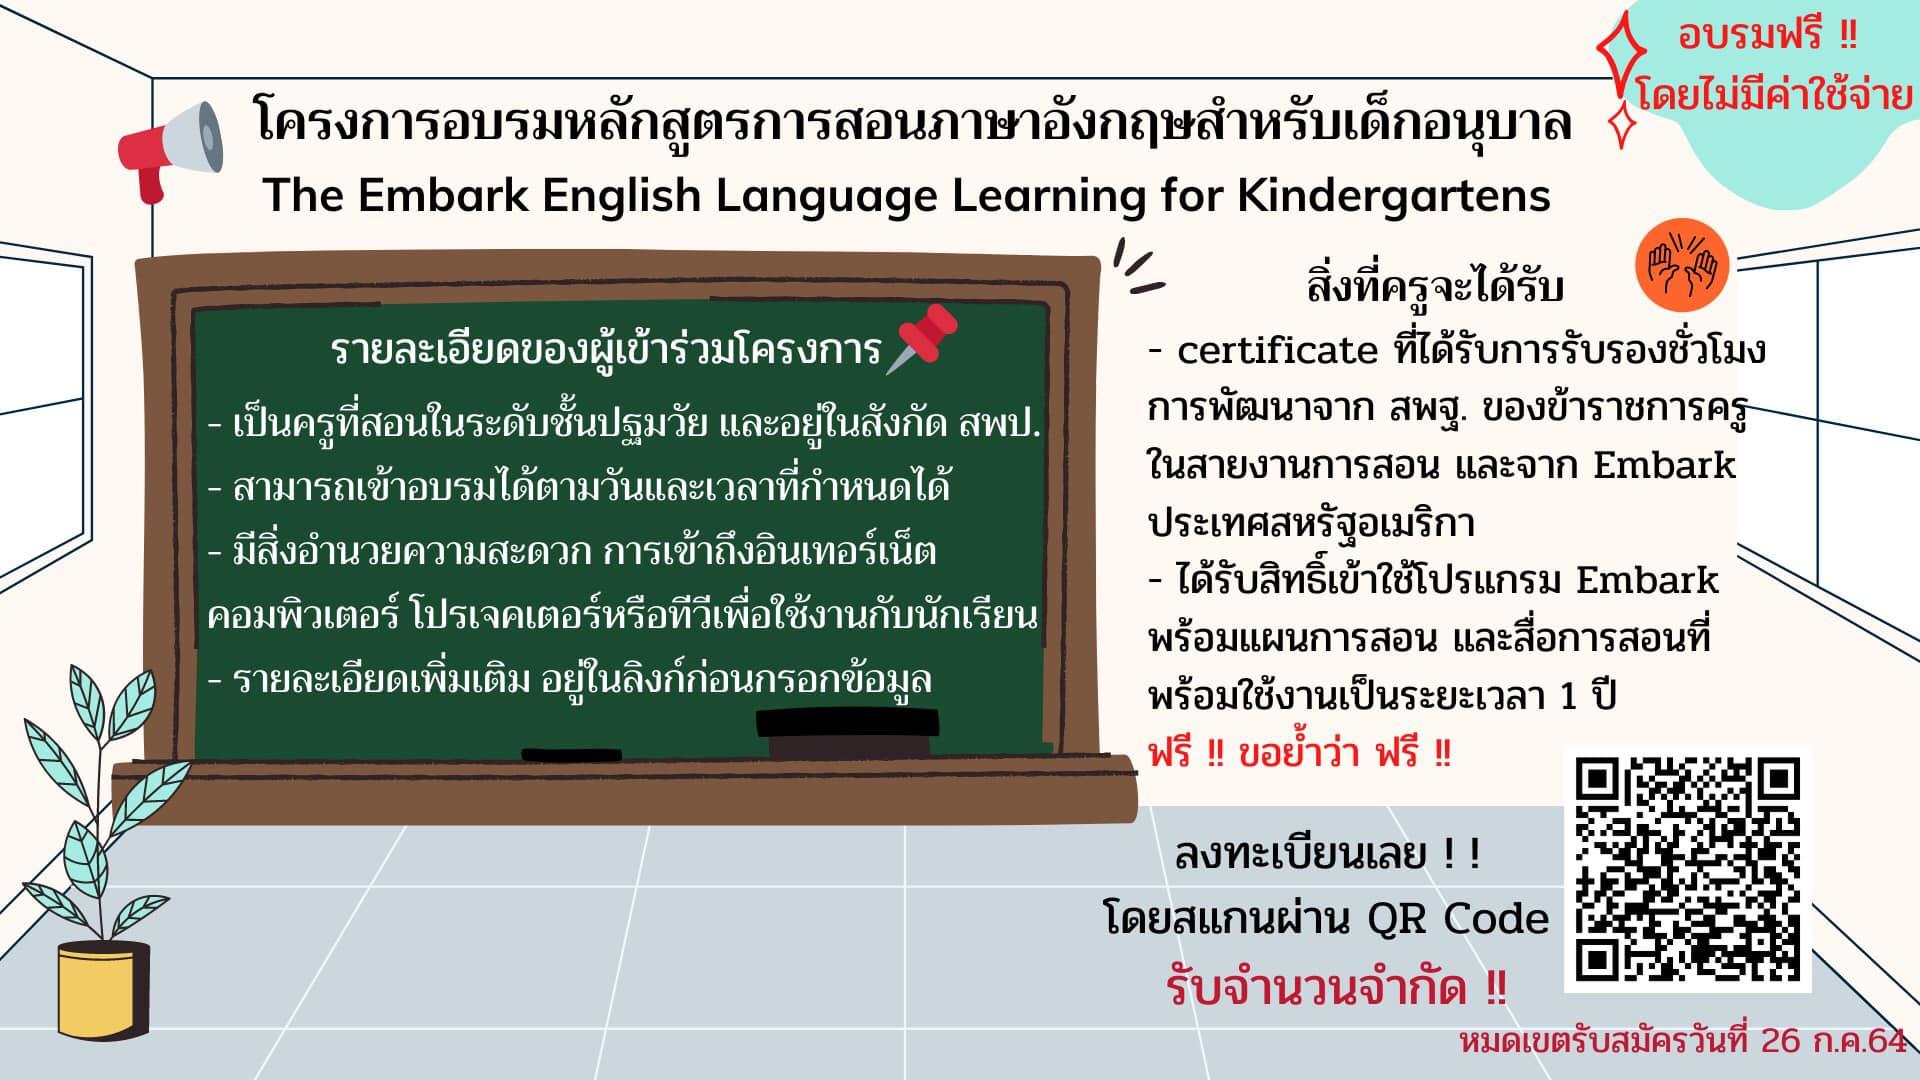 อบรมออนไลน์โครงการอบรมหลักสูตรการสอนภาษาอังกฤษสำหรับเด็กอนุบาล Embark สำหรับครูปฐมวัยที่สอนภาษาอังกฤษ หมดเขตรับสมัคร 26 ก.ค. 64